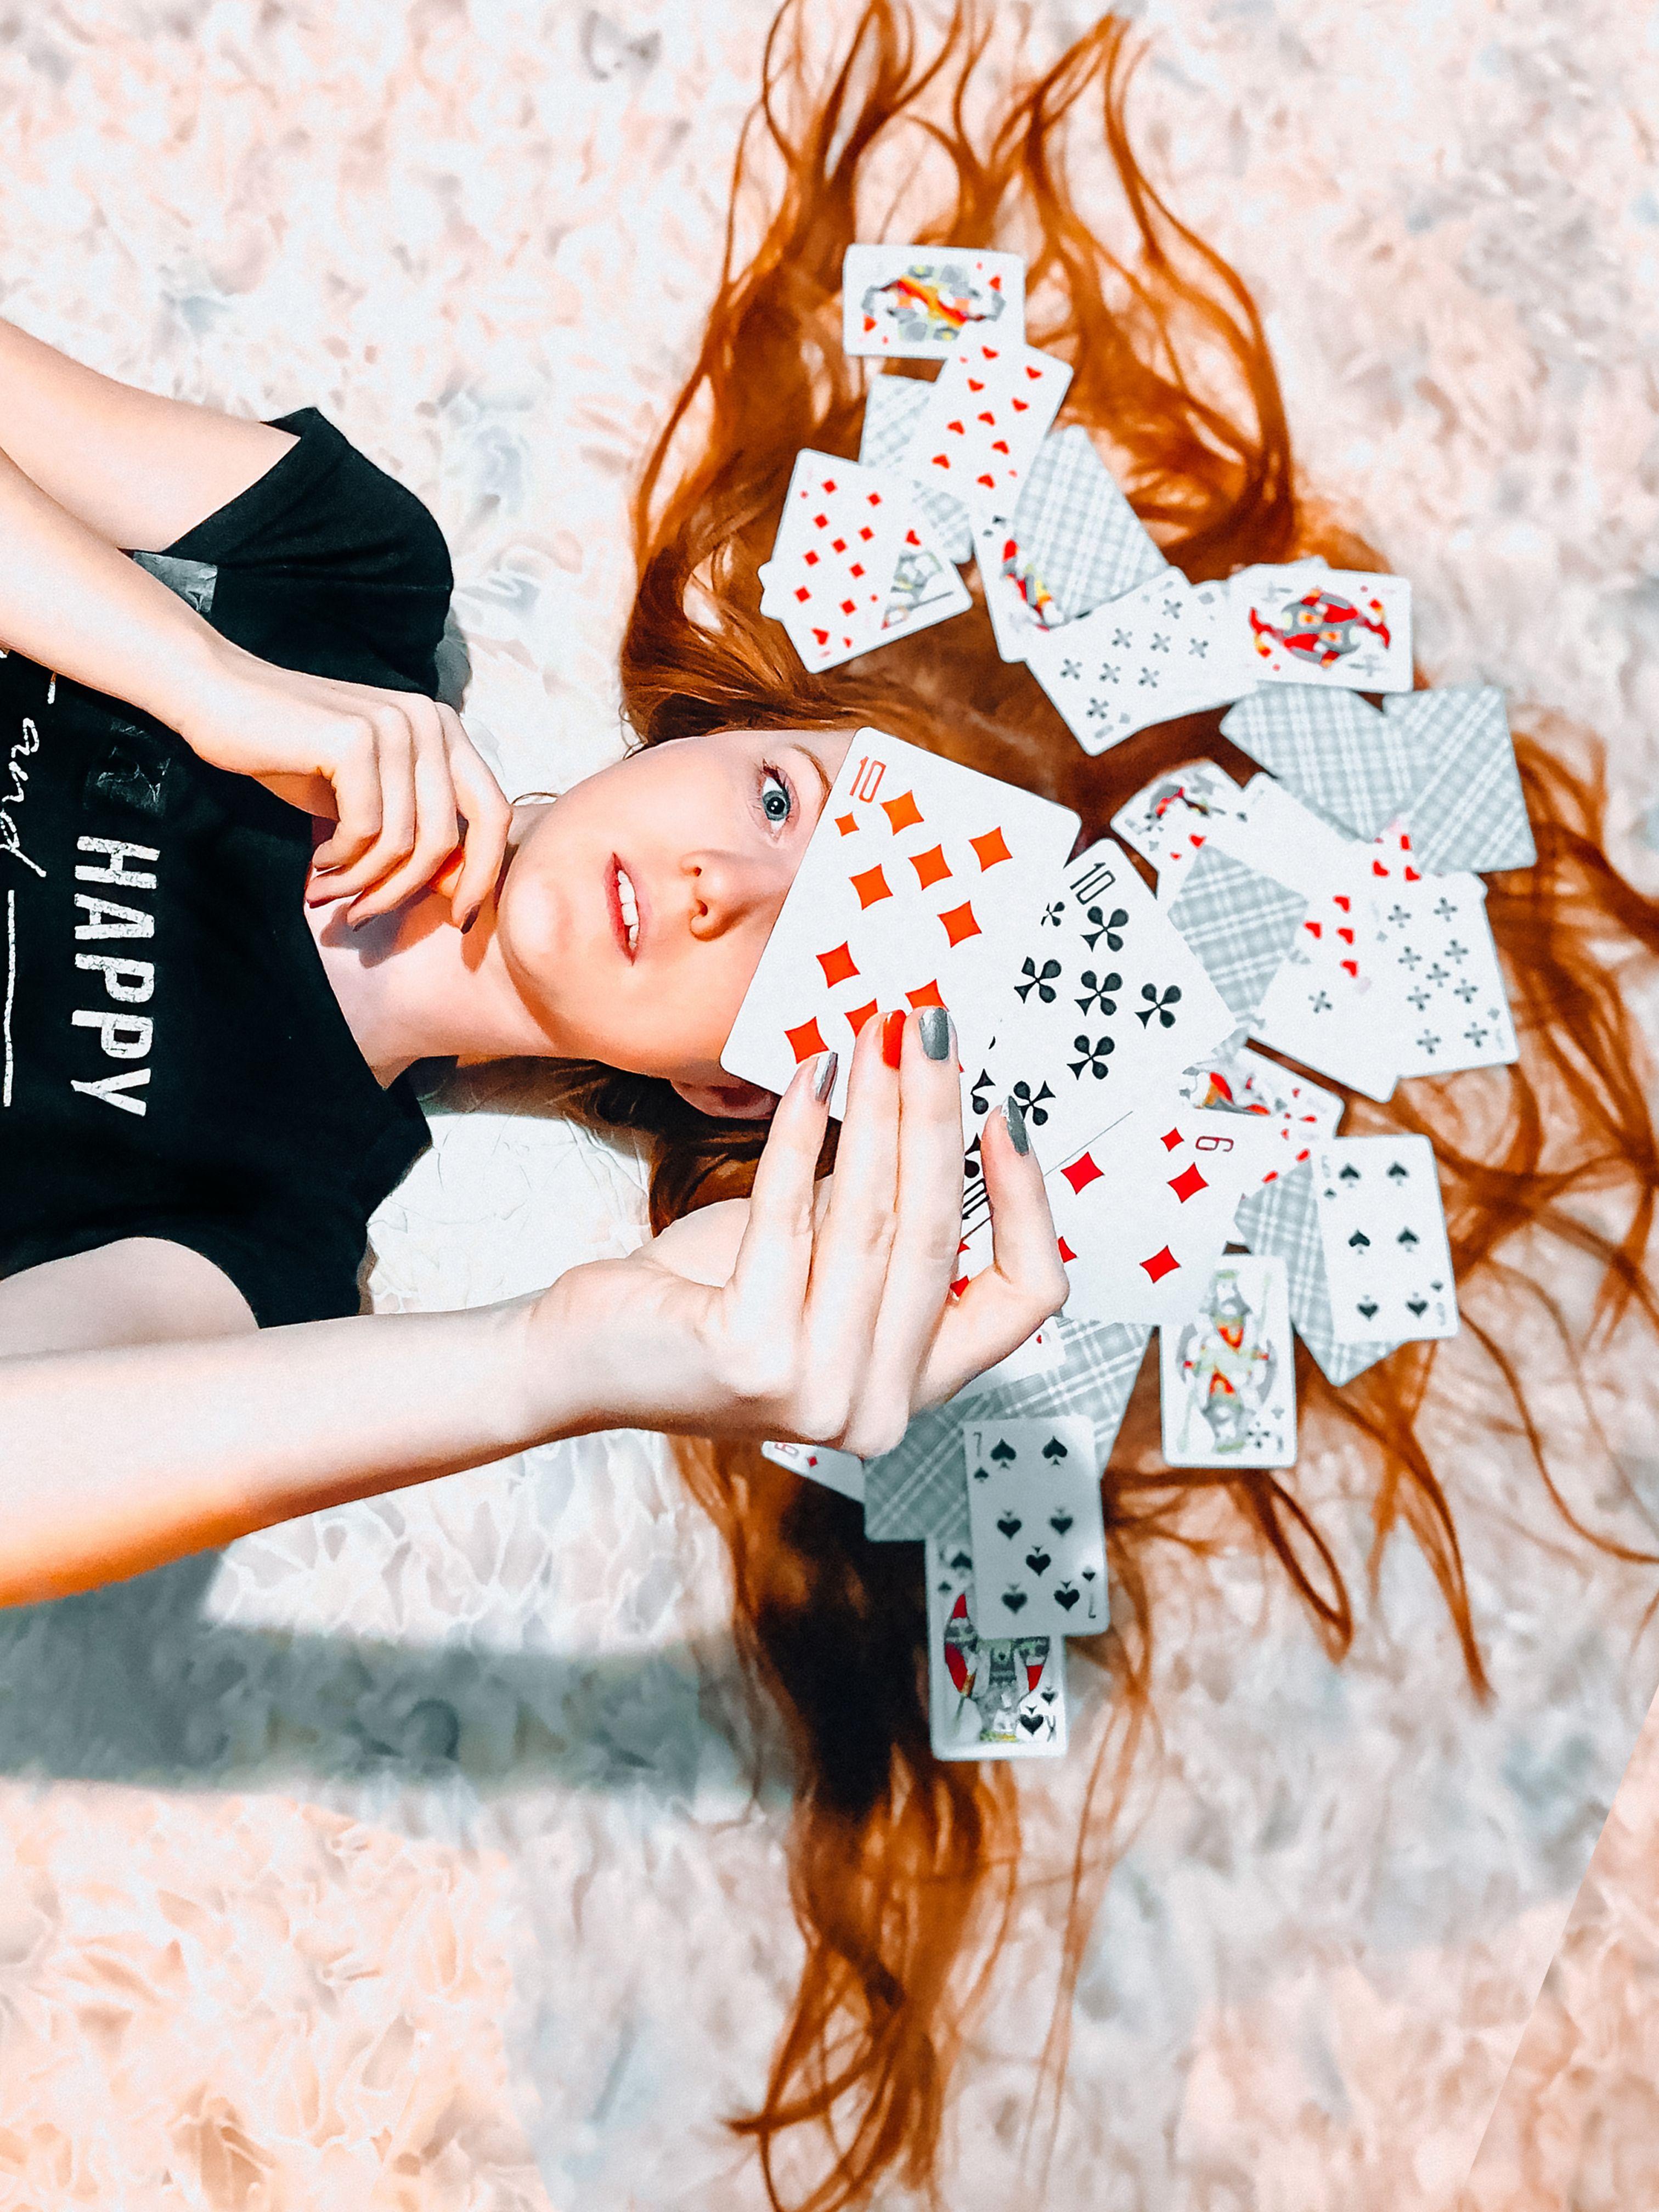 Идеи для фотосессии девушки и доступные стили для съемки